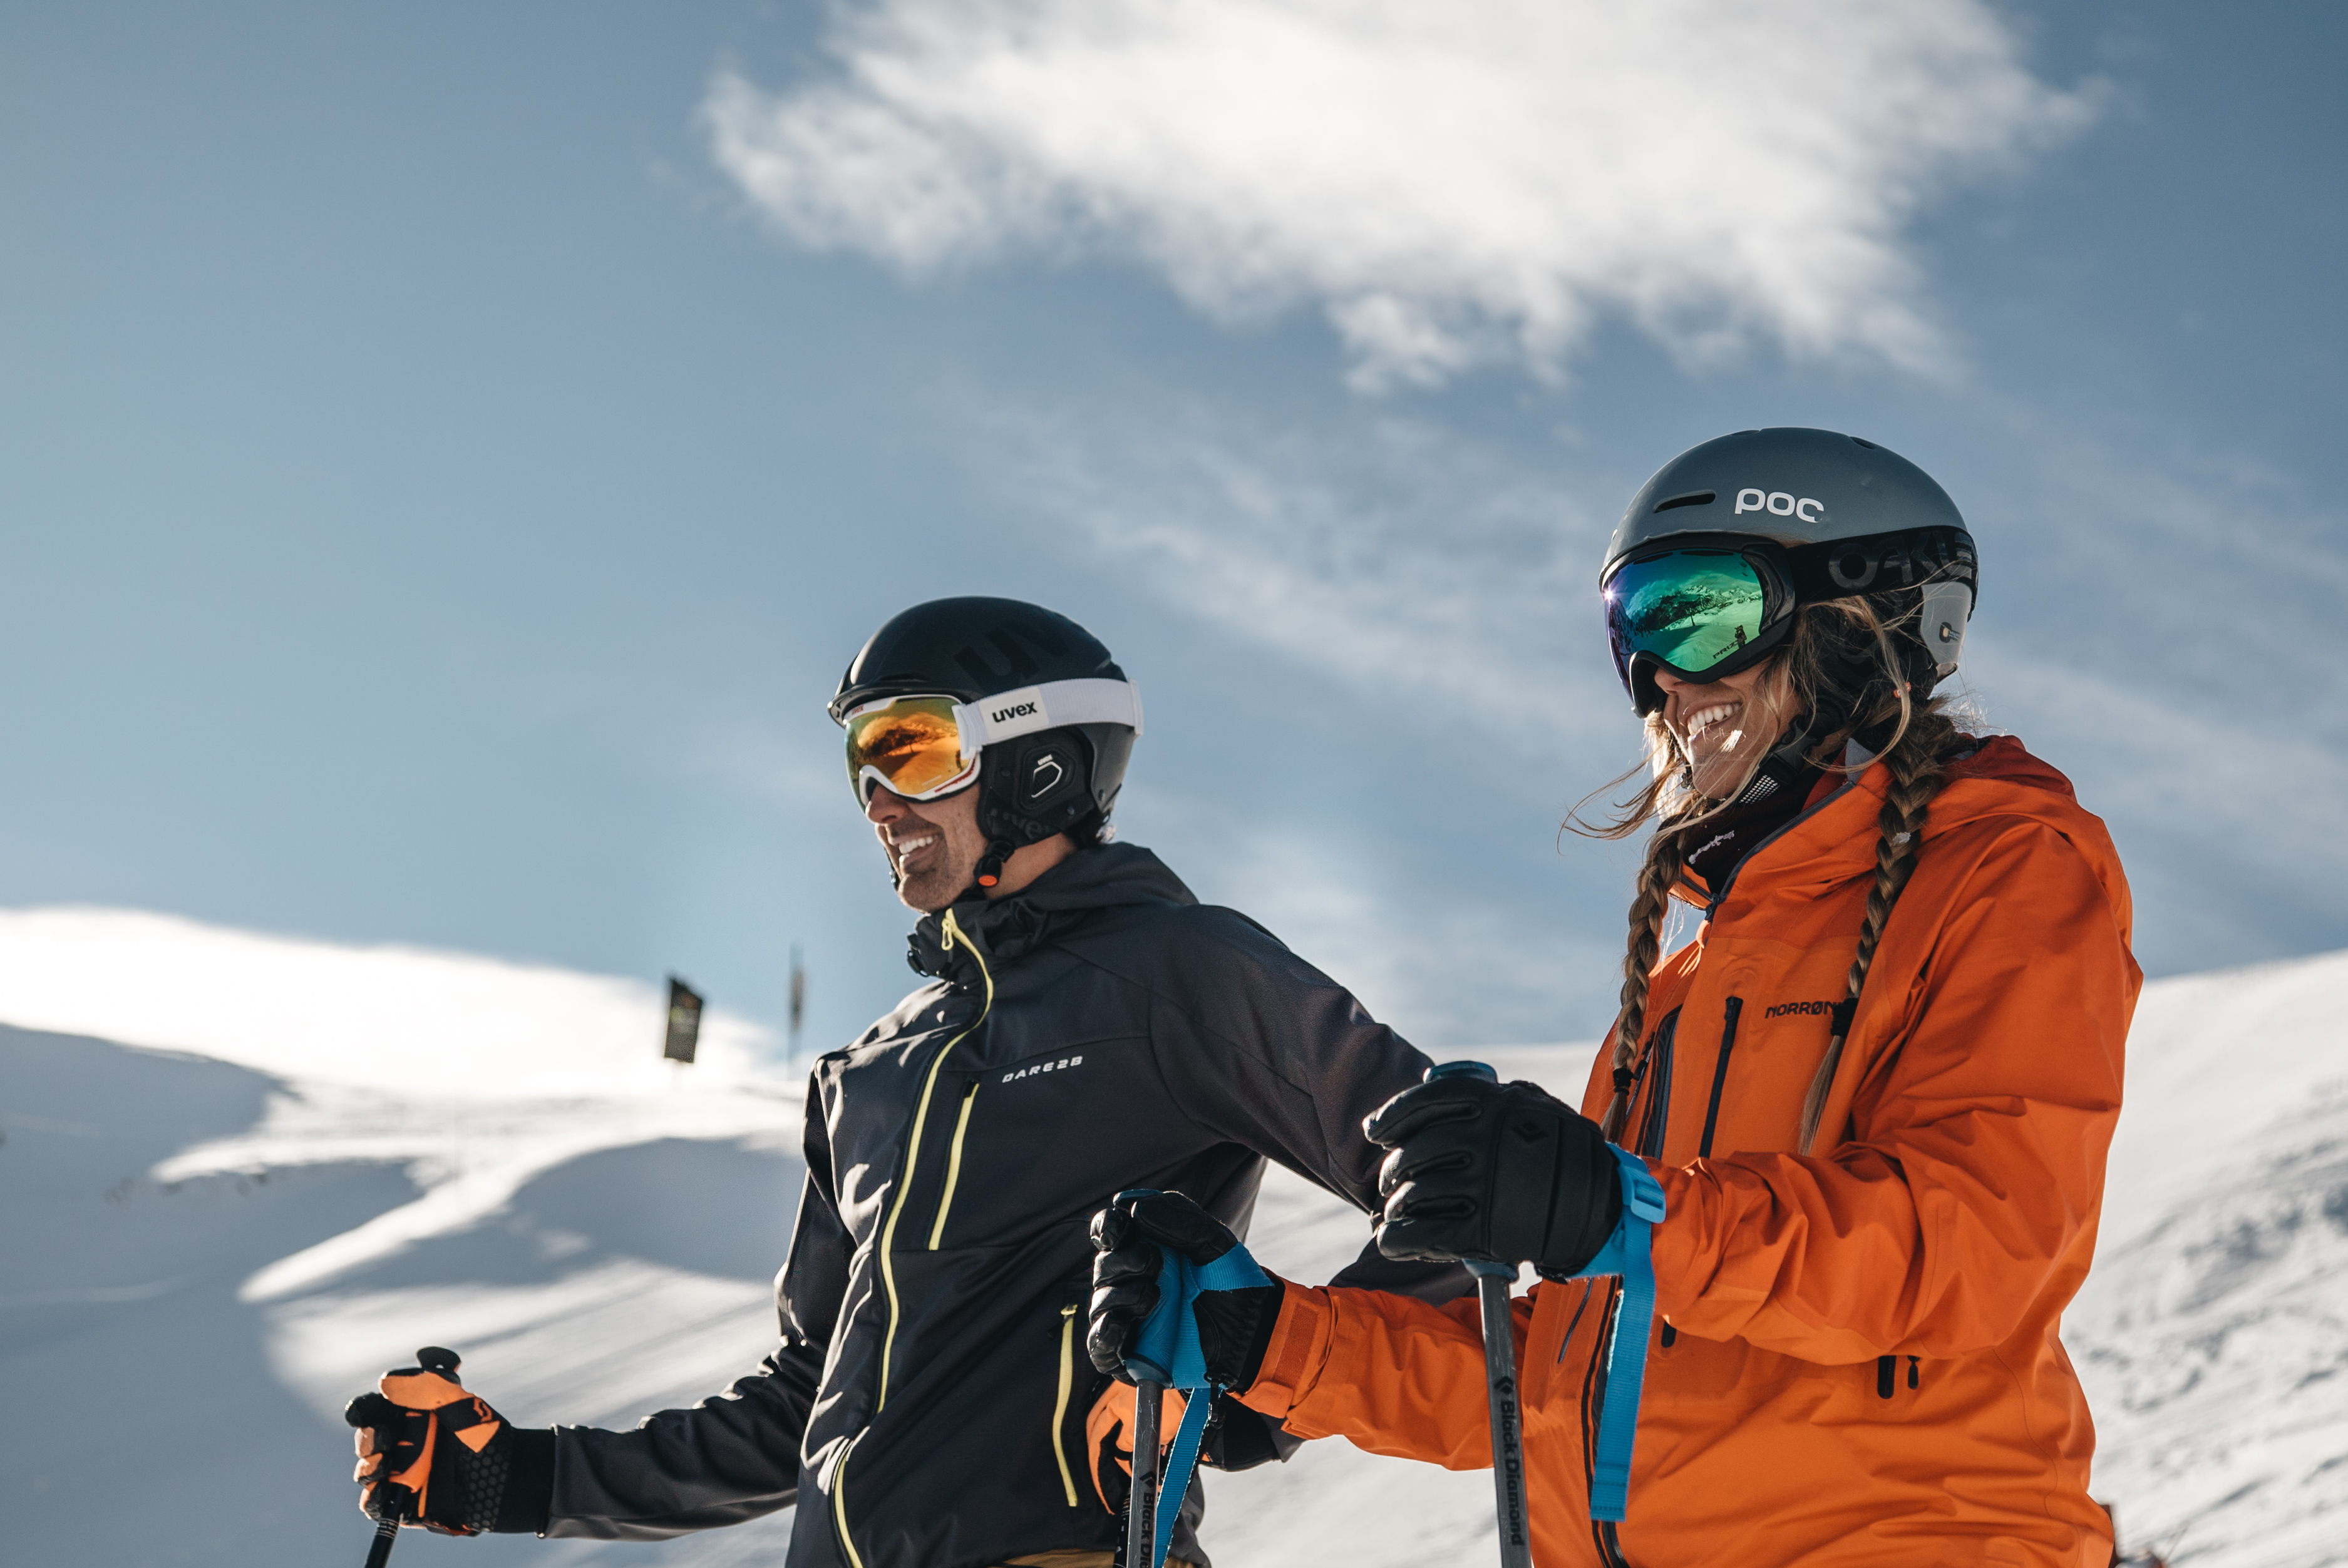 El casco es parte imprescindible de tu equipo de esquí